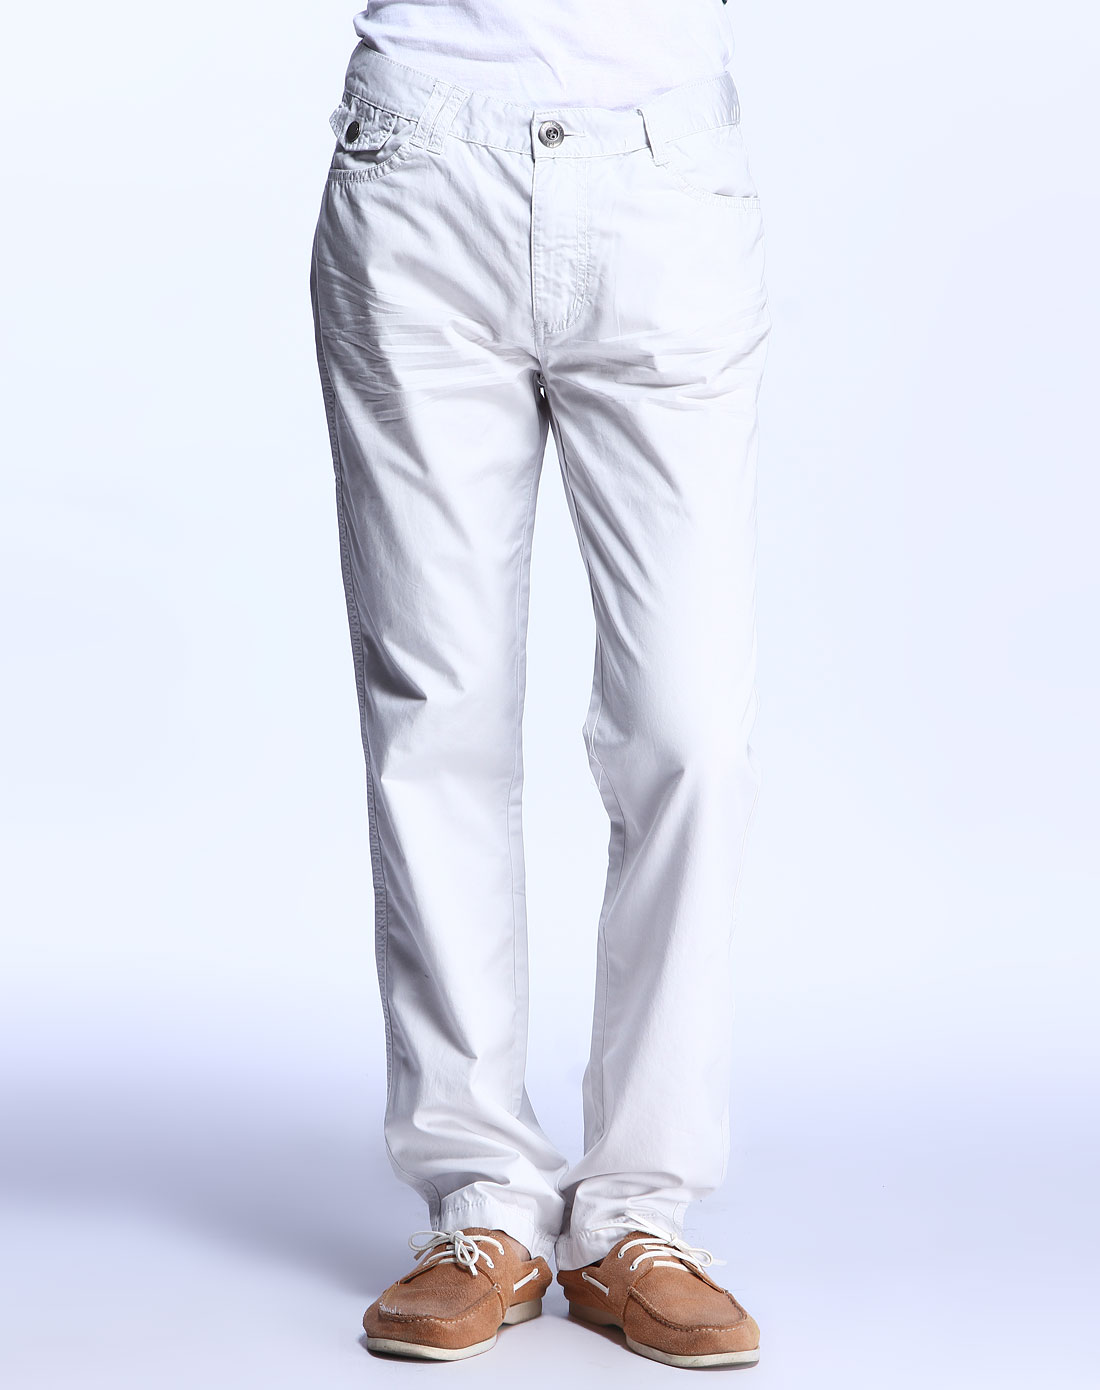 森马男装专场-灰白色休闲长裤图片